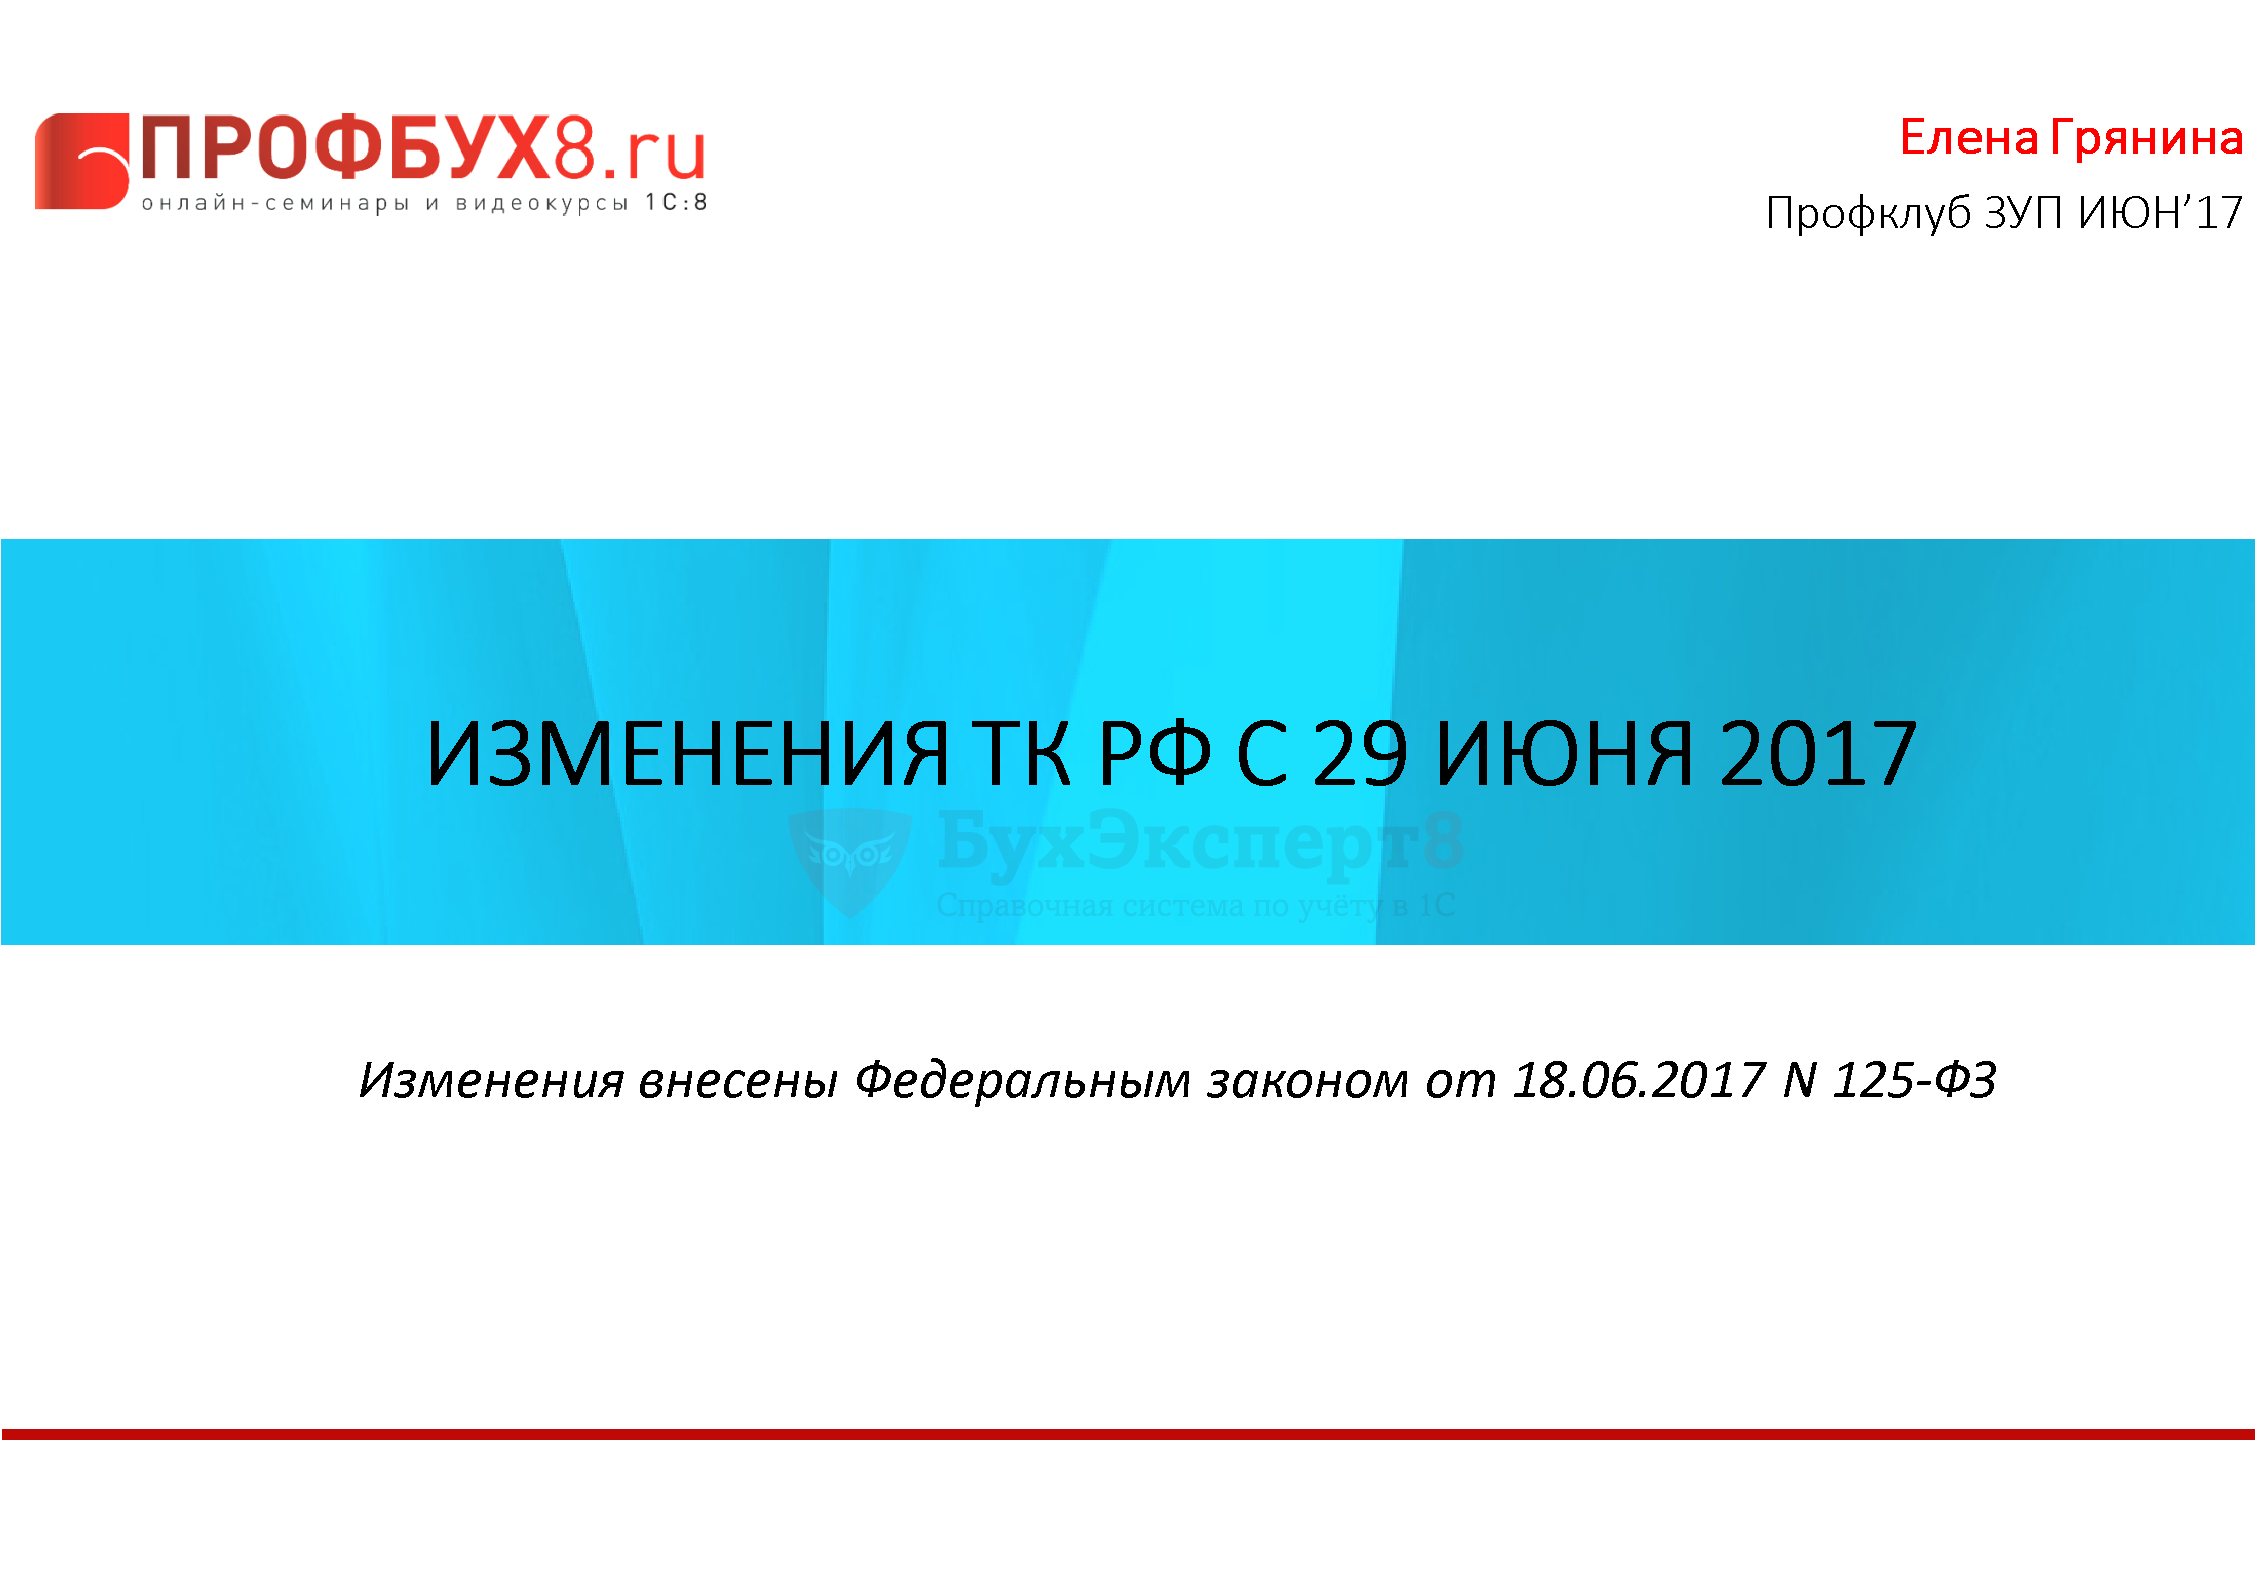 Изменения тк рф с 29 июня 2017 Изменения внесены Федеральным законом от 18.06.2017 N 125-ФЗ